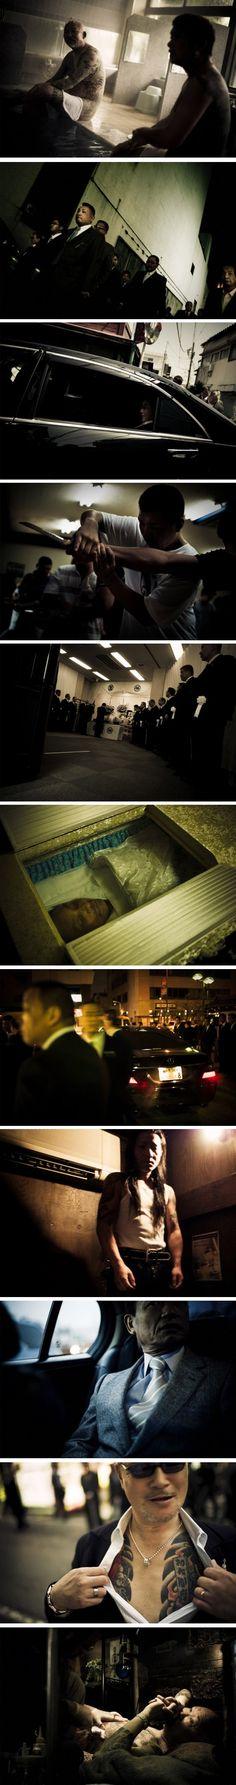 Yakuza par Anton Kusters